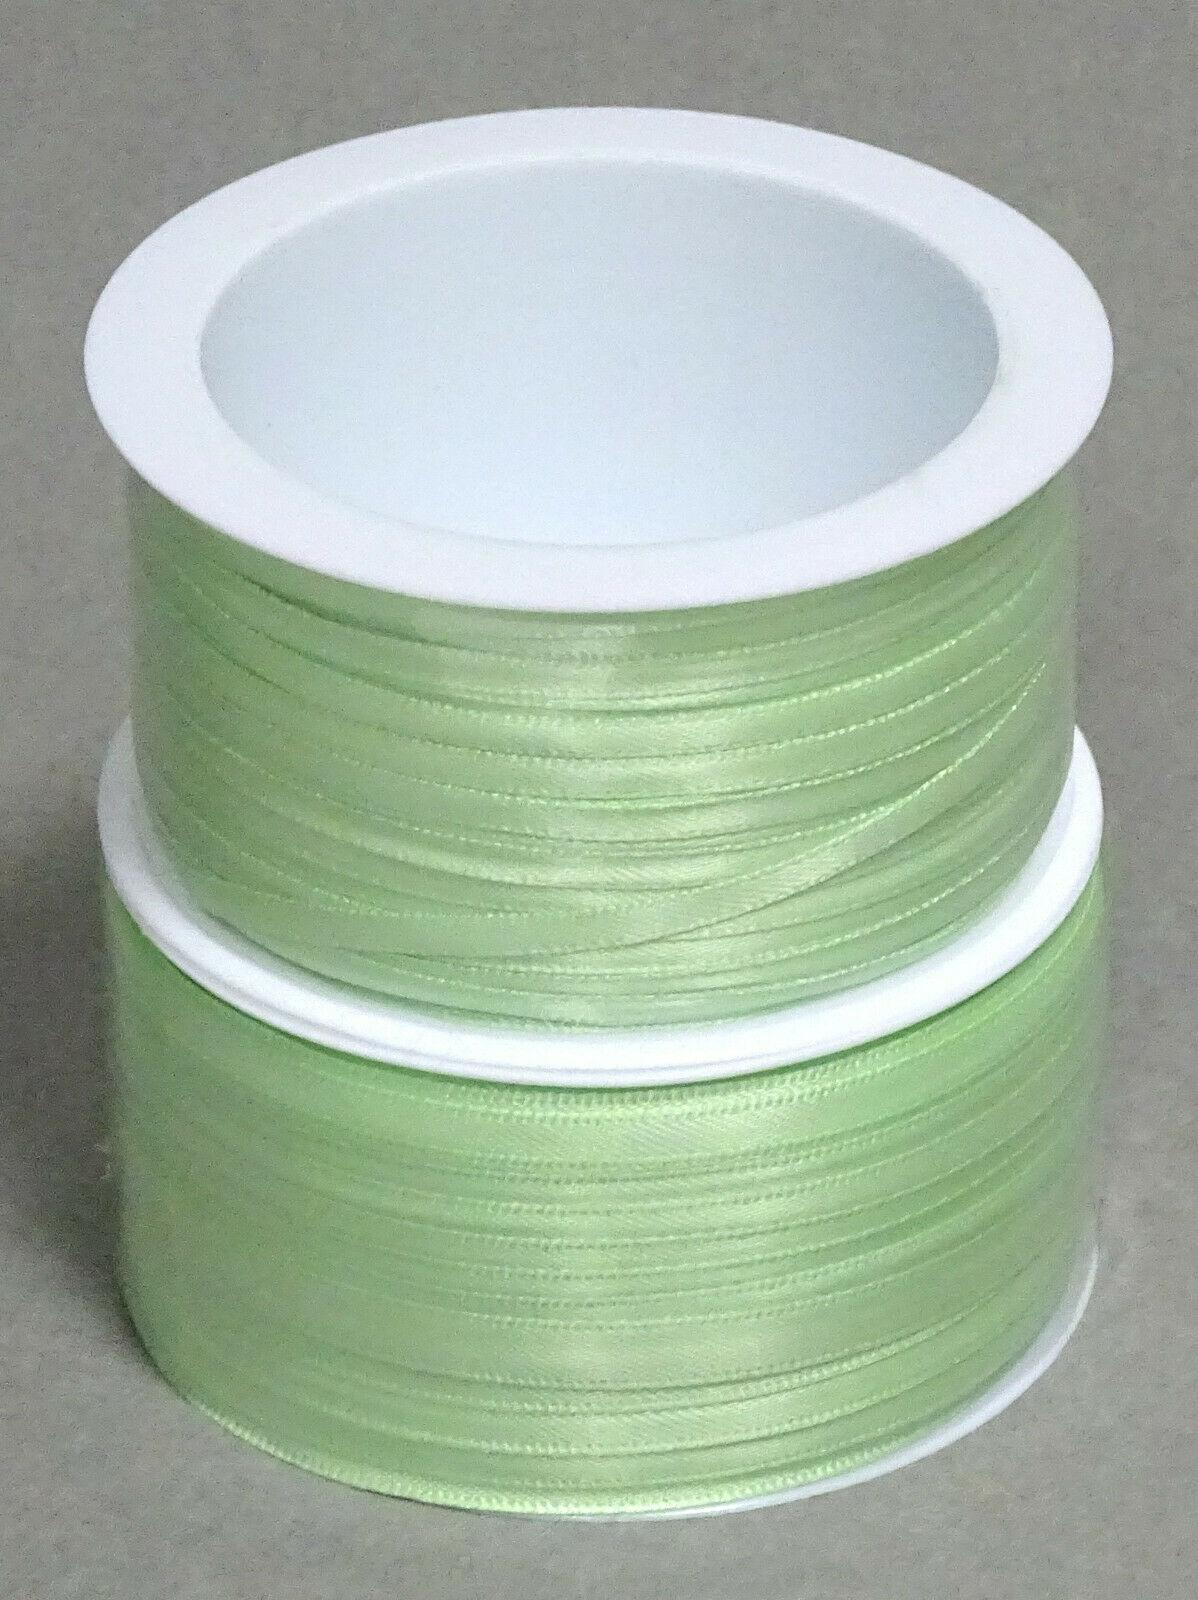 Satinband Schleifenband 50m x 3mm / 6mm Dekoband ab 0,05 €/m Geschenkband Rolle - Lindgrün 109, 3 mm x 50 m